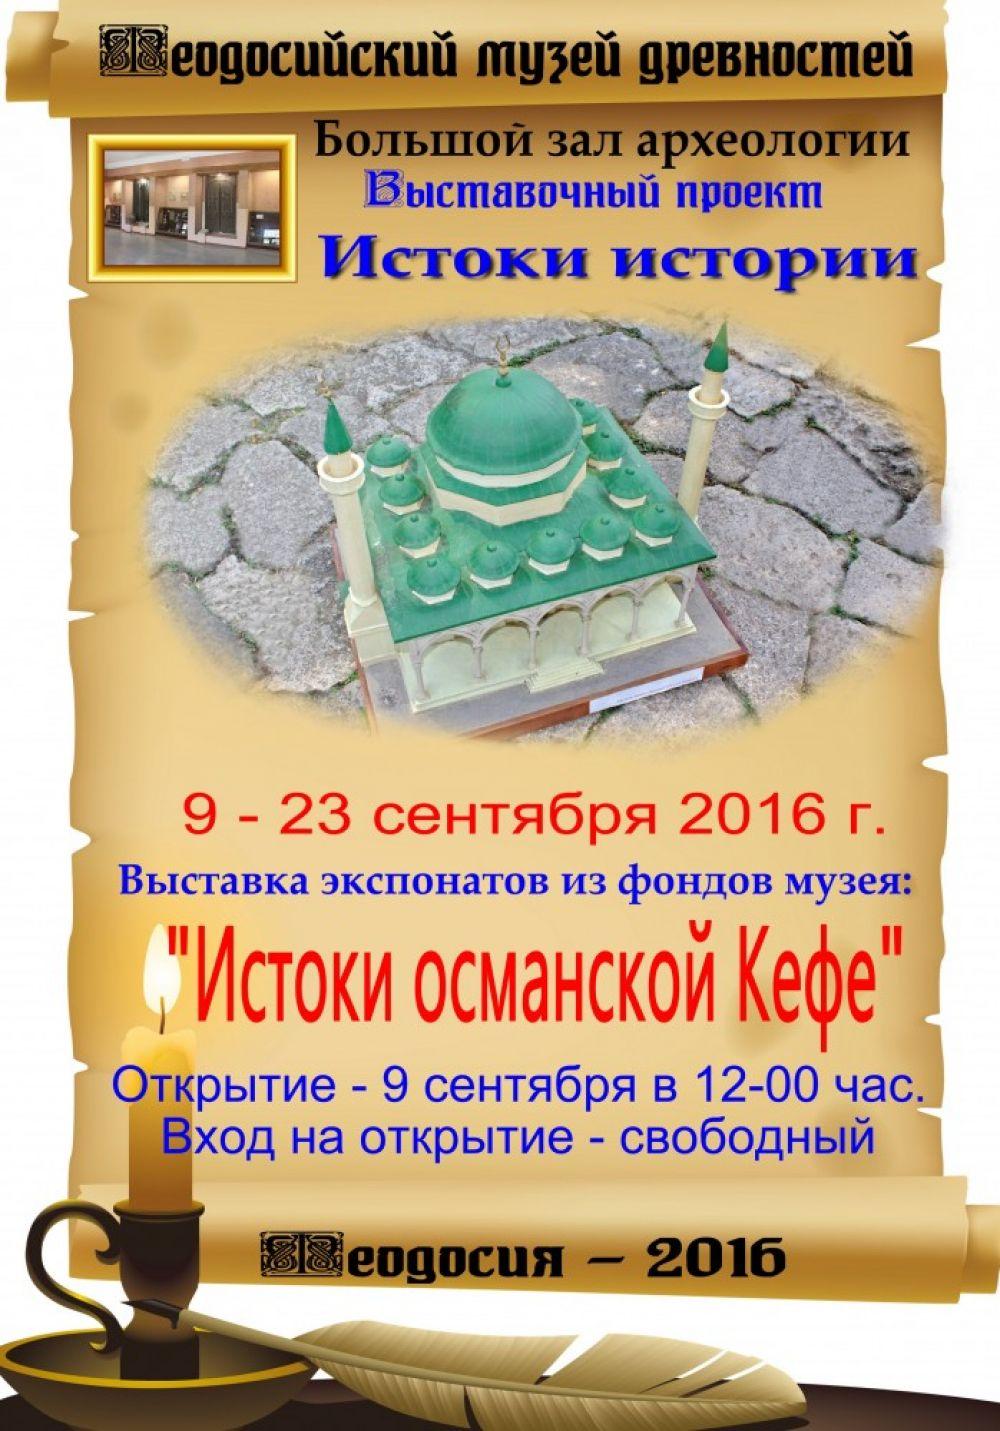 «Истоки Османской Кефе» в музее древностей